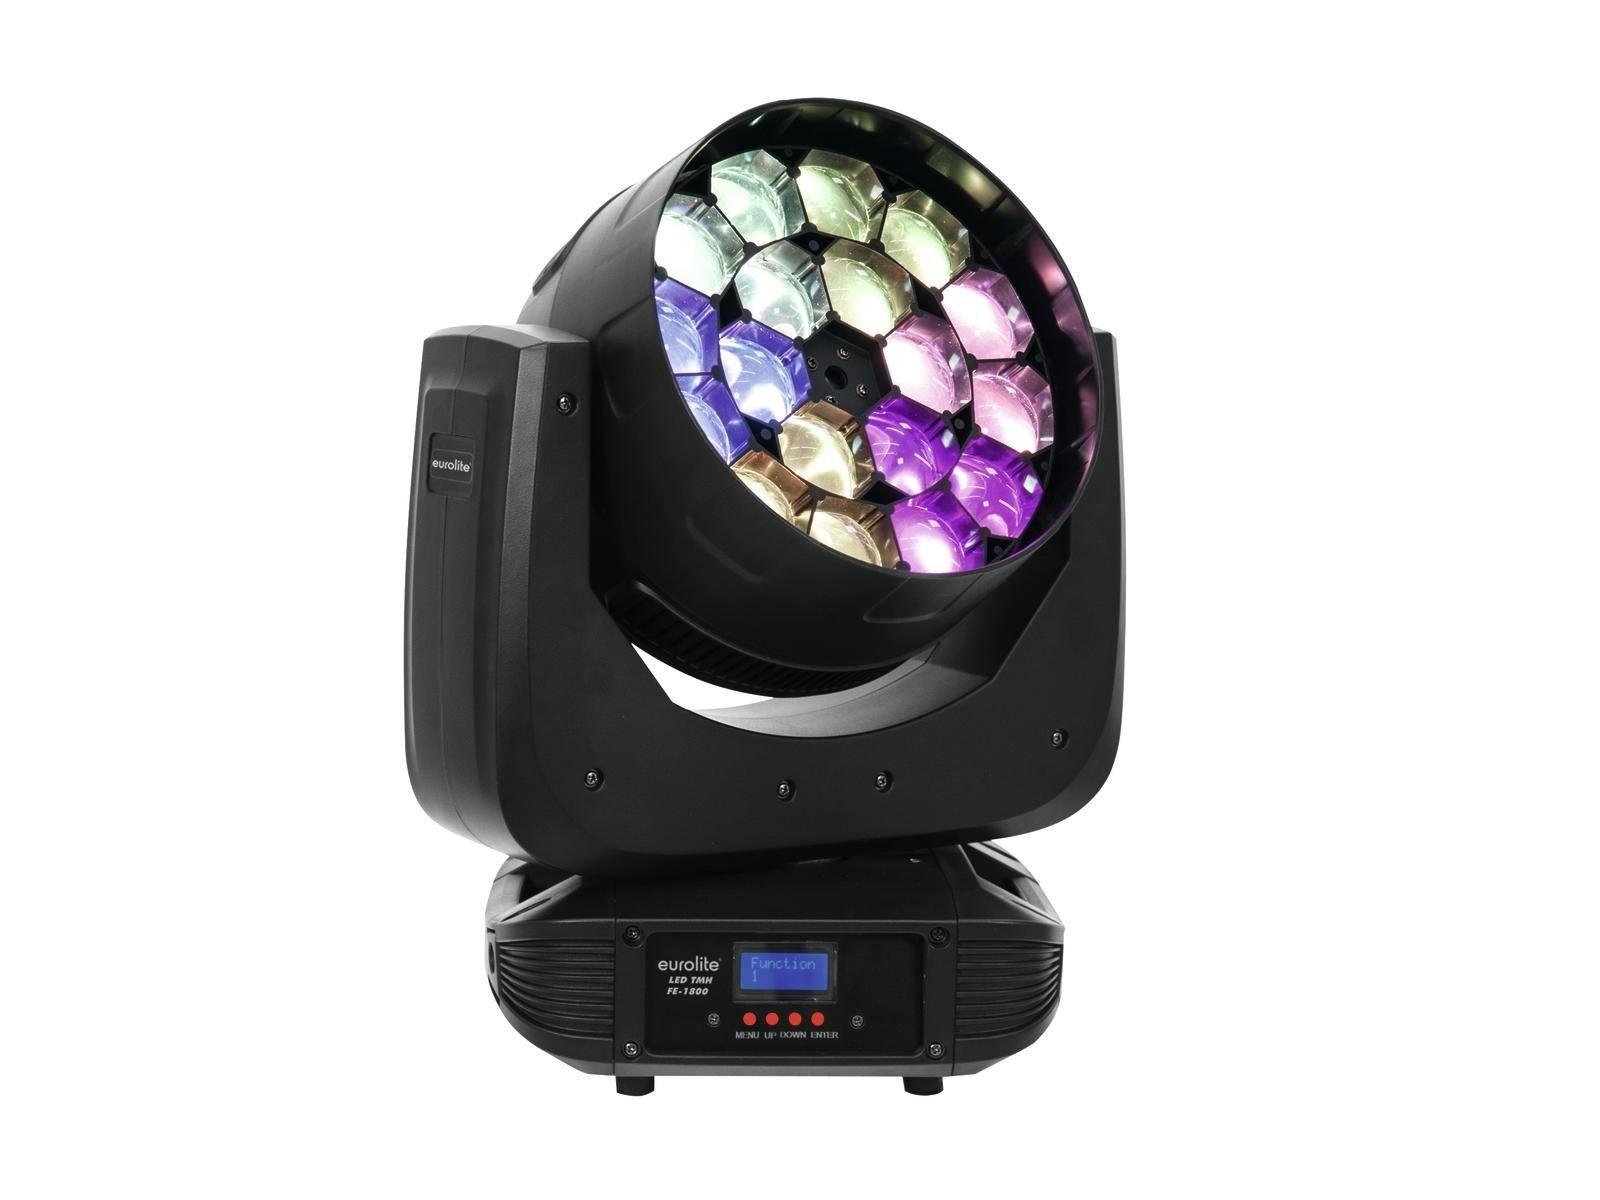 EUROLITE LED TMH FE-1800 Beam/Flowereffekt RGBW-Movinghead ABVERKAUF/EINZELSTÜCK